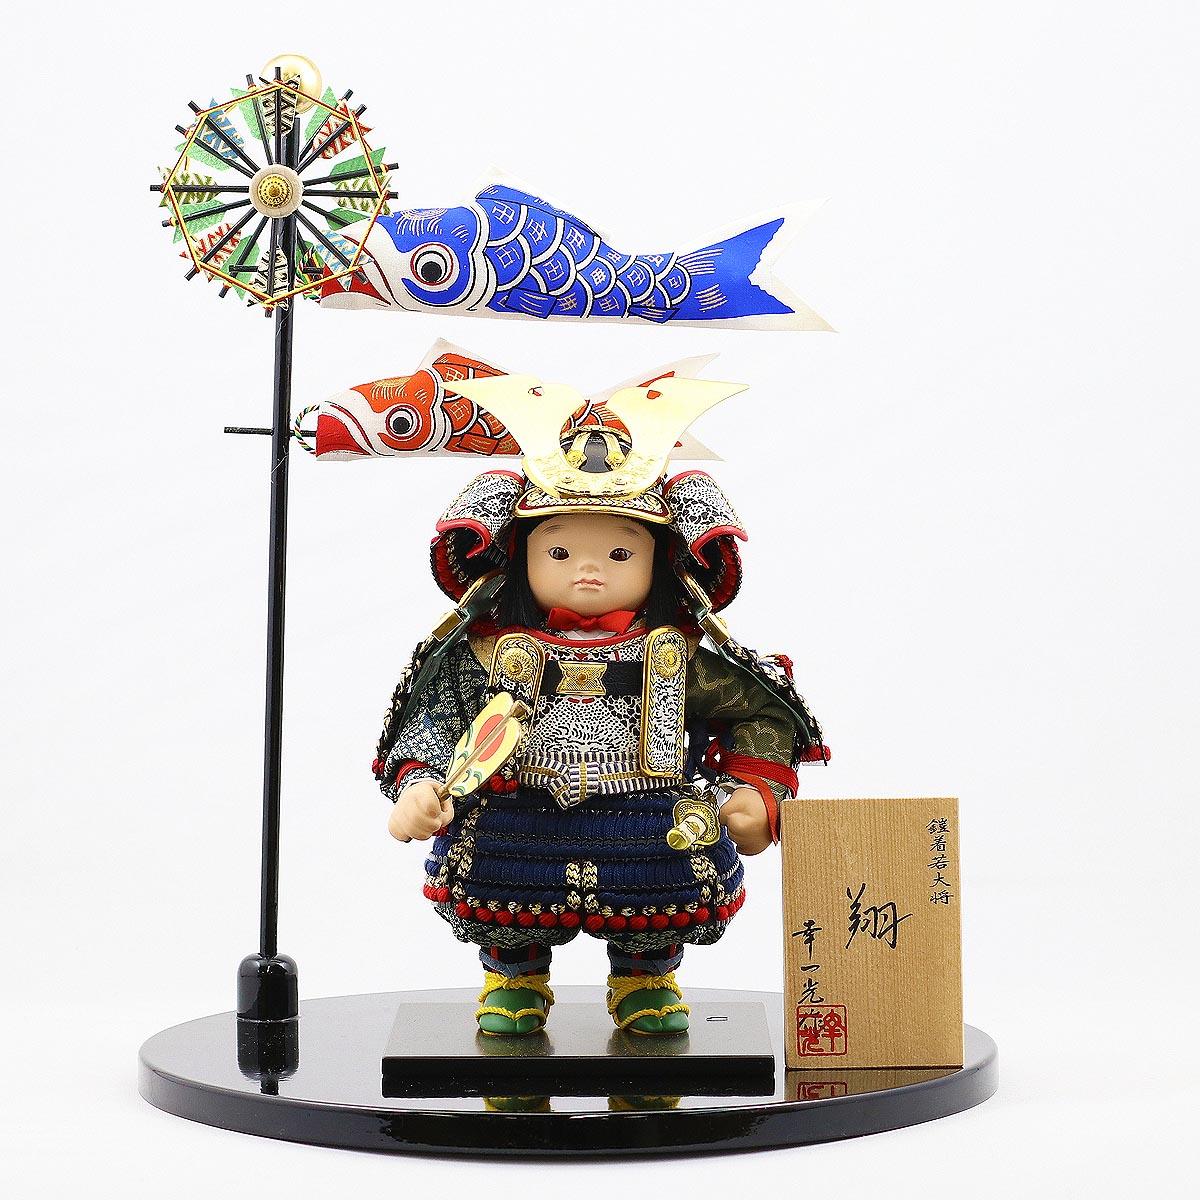 五月人形 幸一光 子供大将飾り 翔 (しょう) 鎧着 碧空鯉幟セット ≪GOKI-SHOU-NO-07≫コンパクト おしゃれ 子供大将飾り 武者人形 子供大将飾り 五月人形